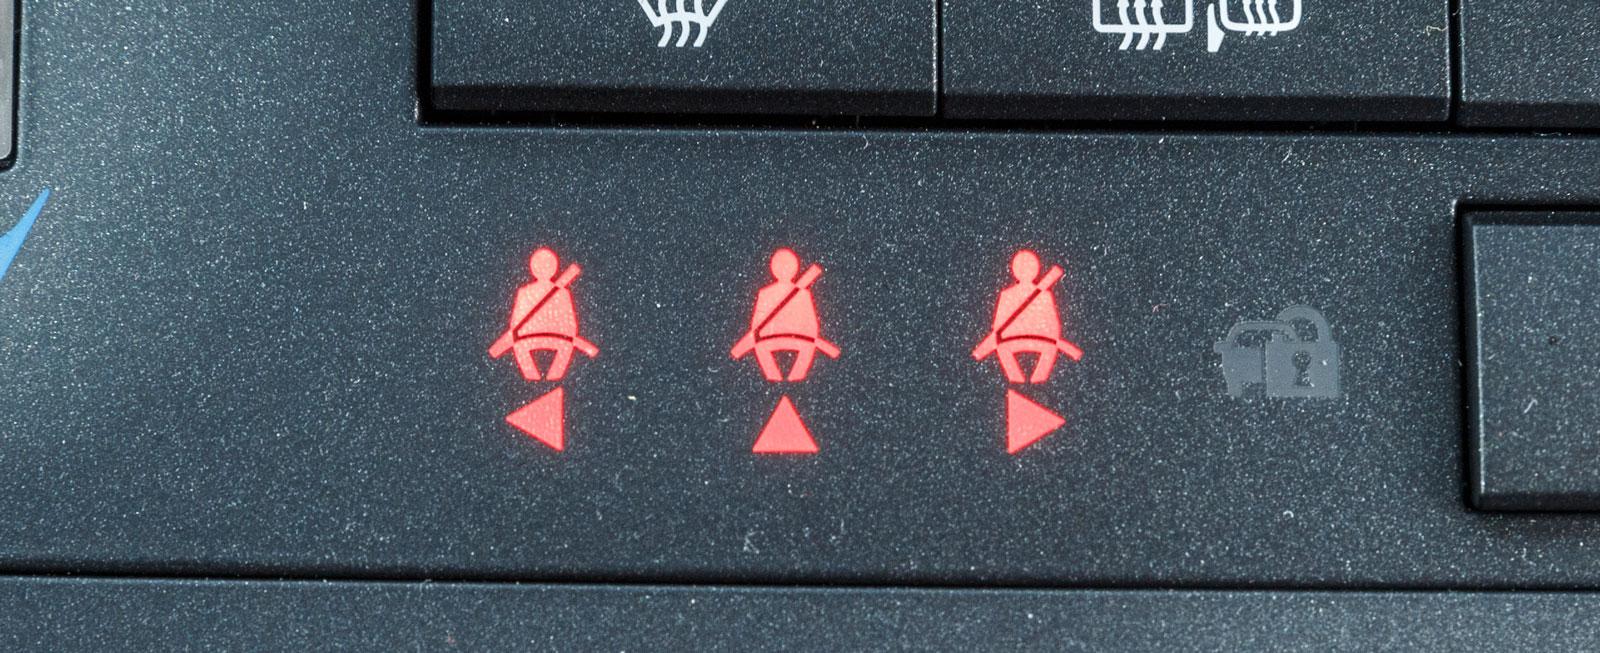 Även i Lexus är bältessituationen för dem där bak tydligt utmärkt.